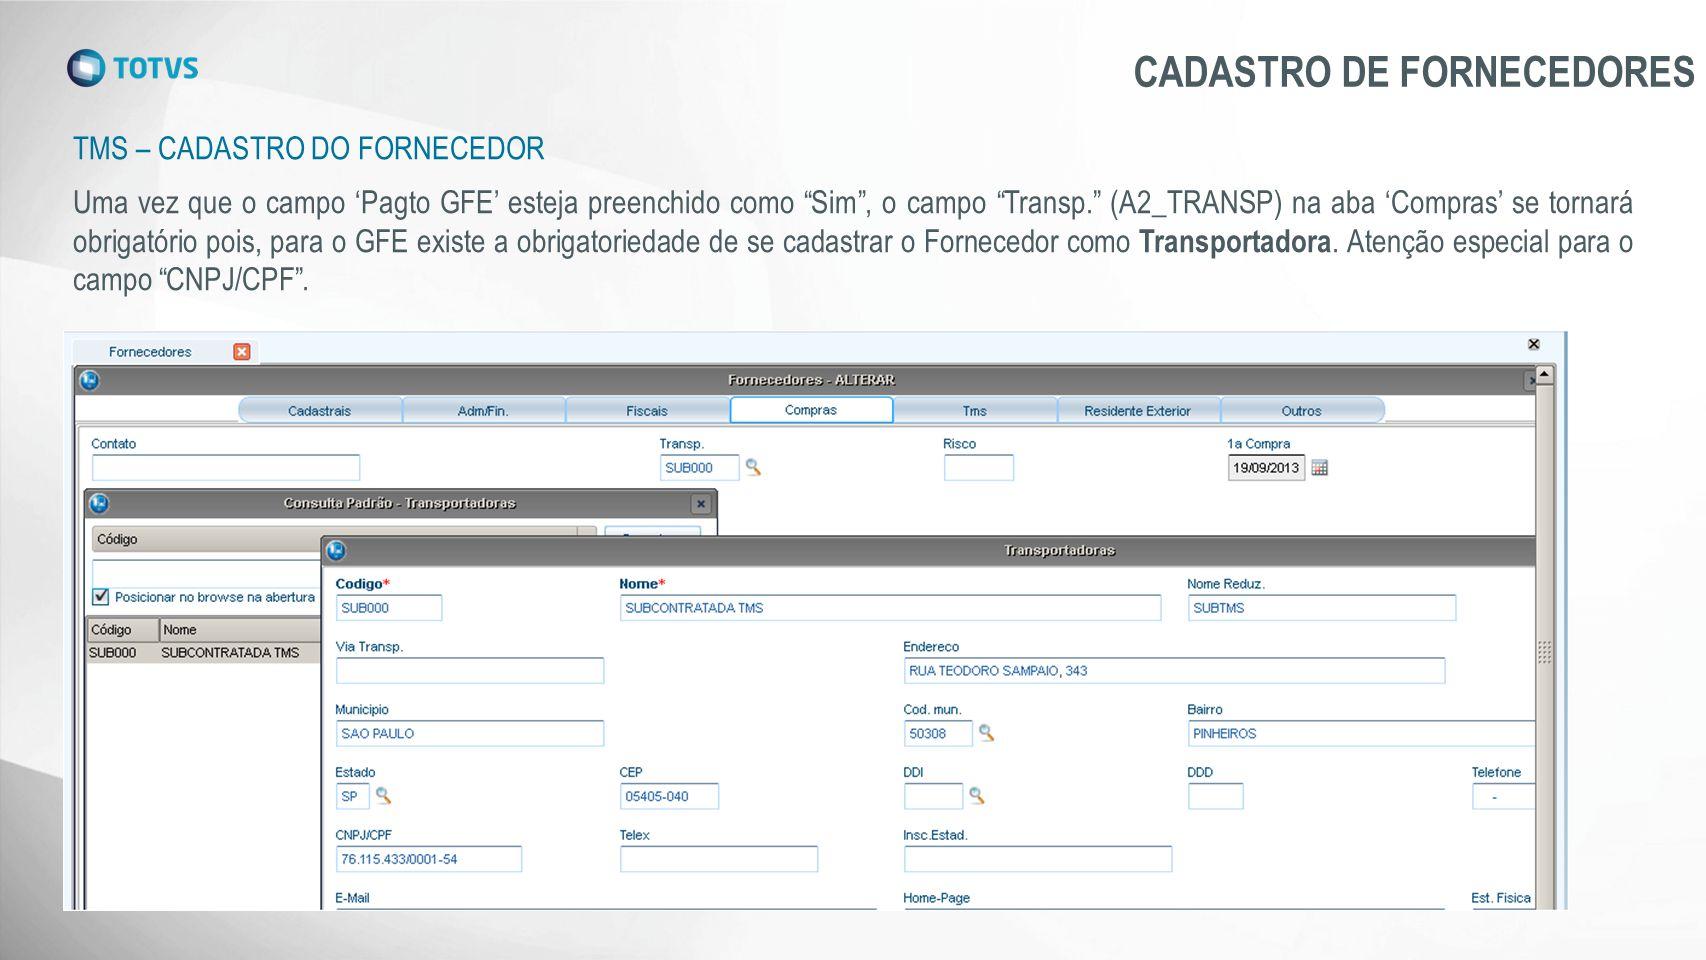 CADASTRO DE FORNECEDORES